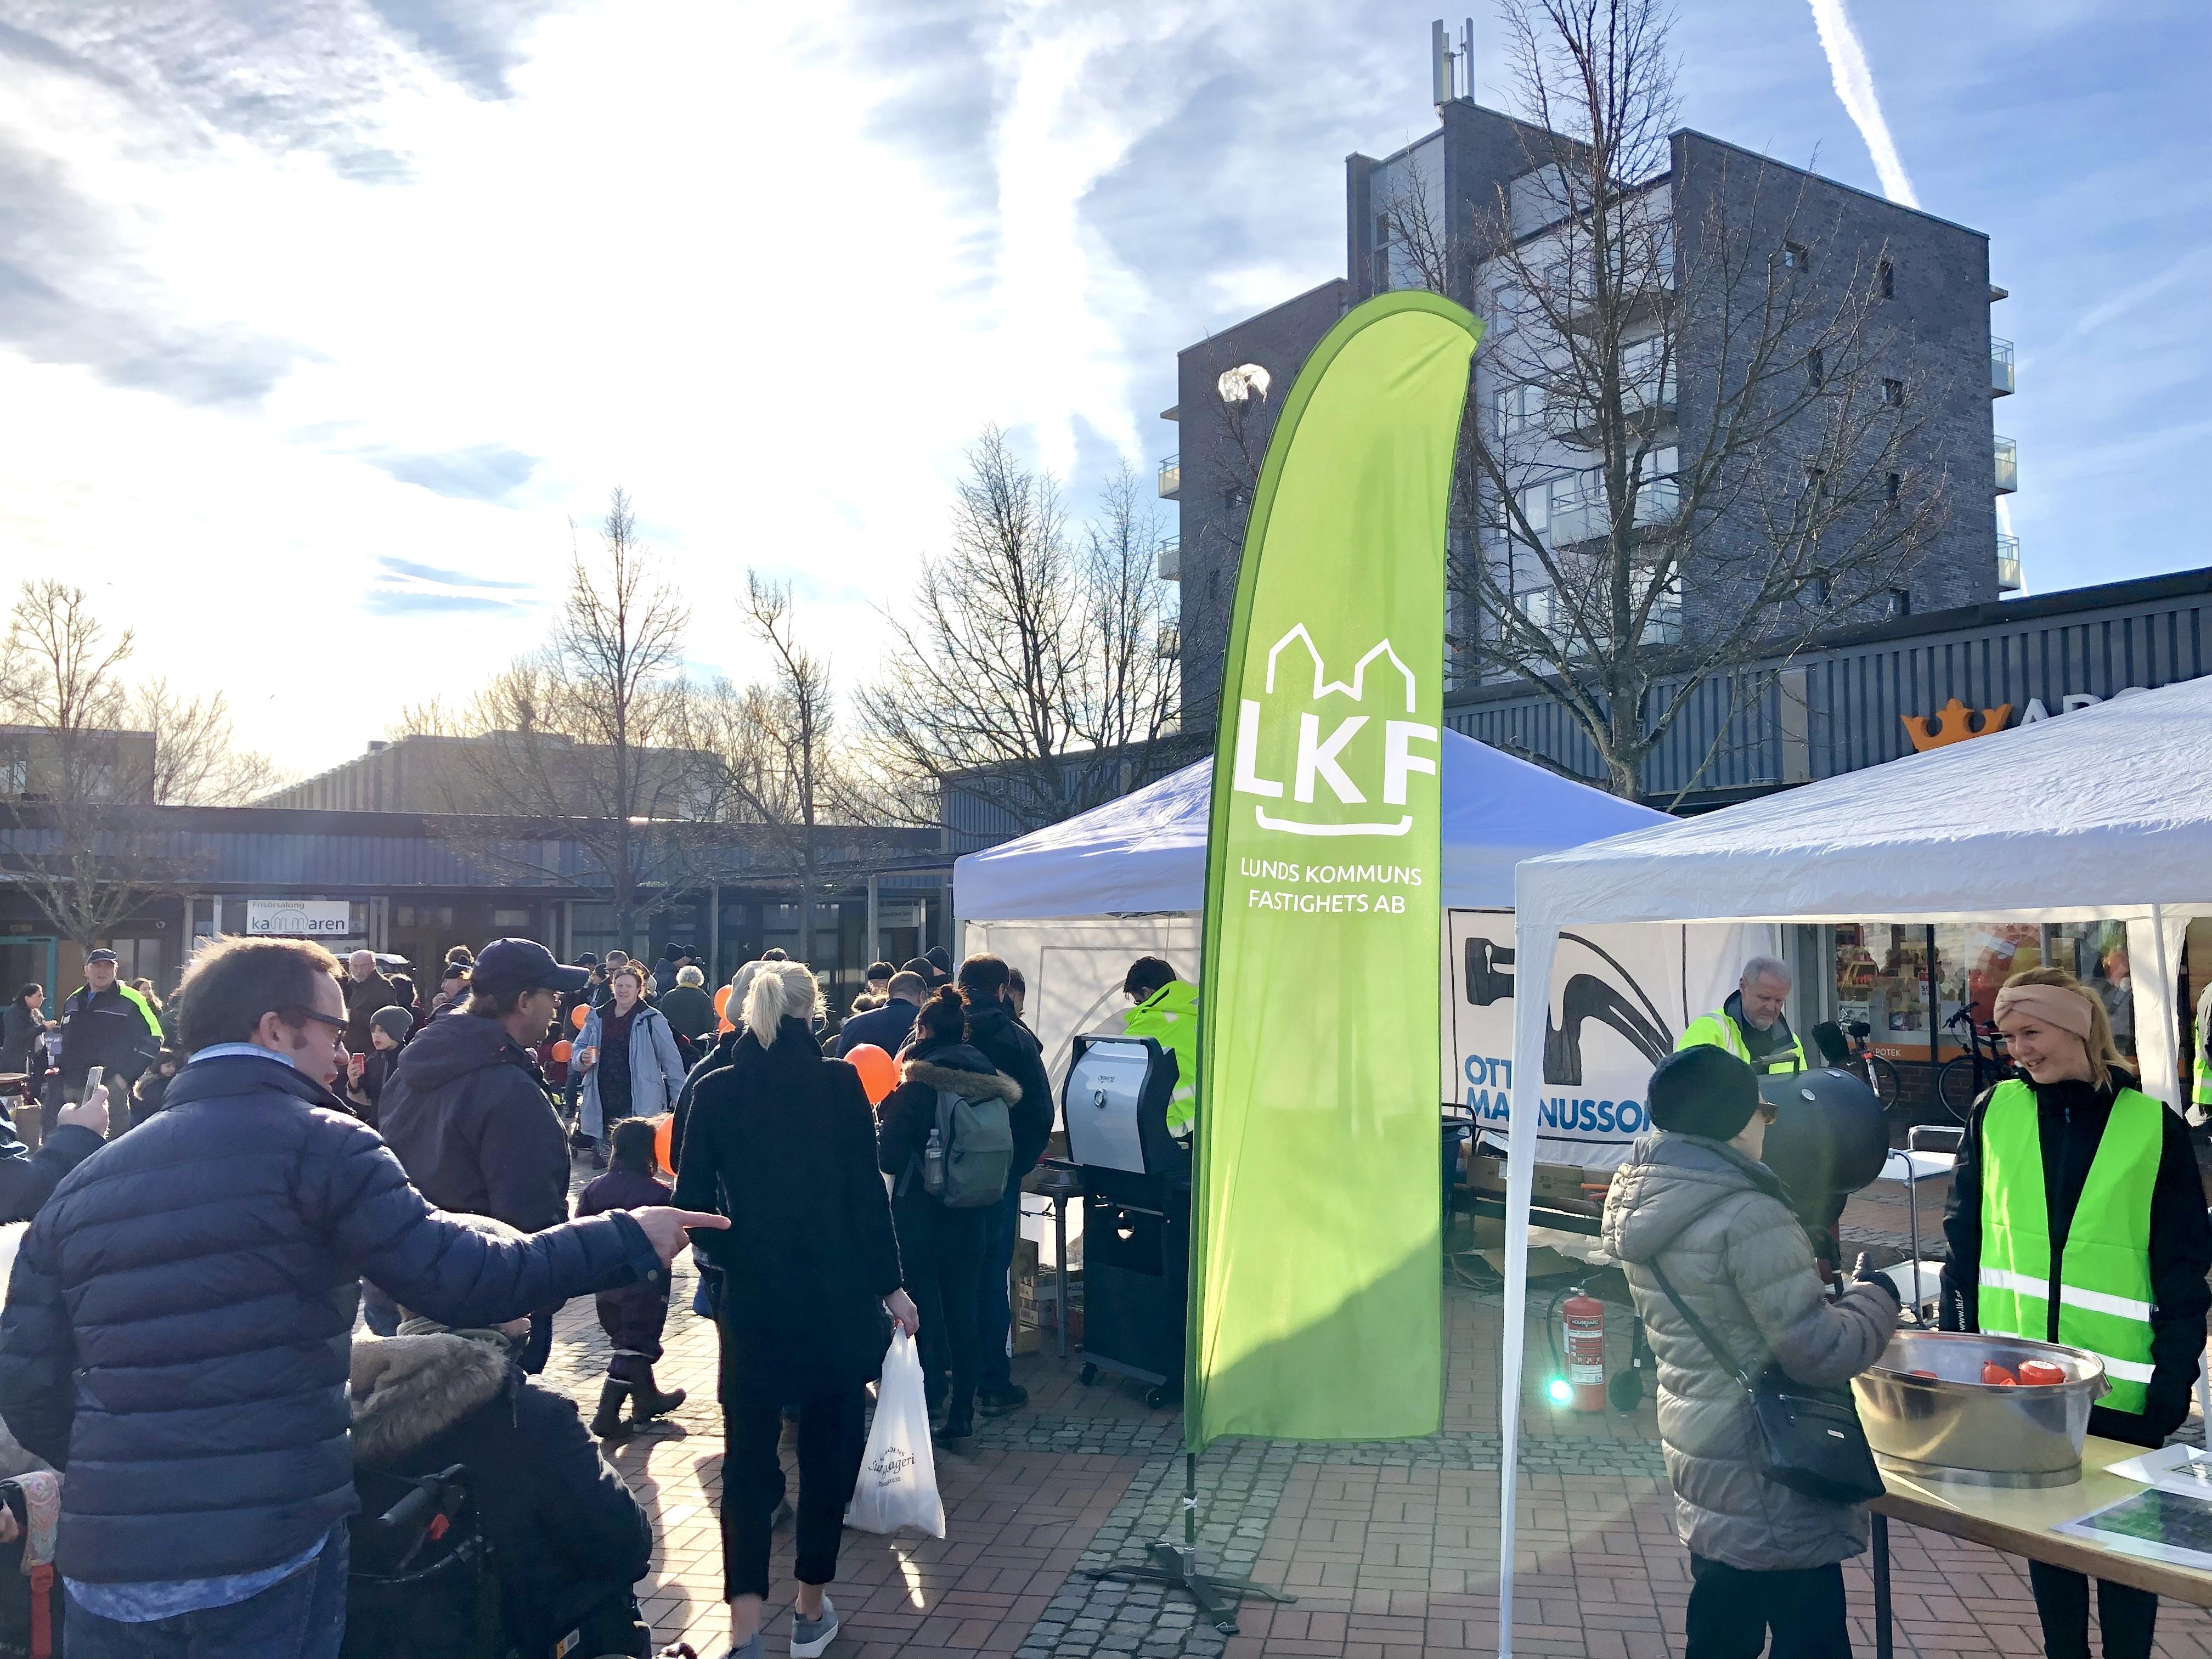 I tidig vårsol hölls en lyckad Vinterfest för boende och företag i området på Fäladen